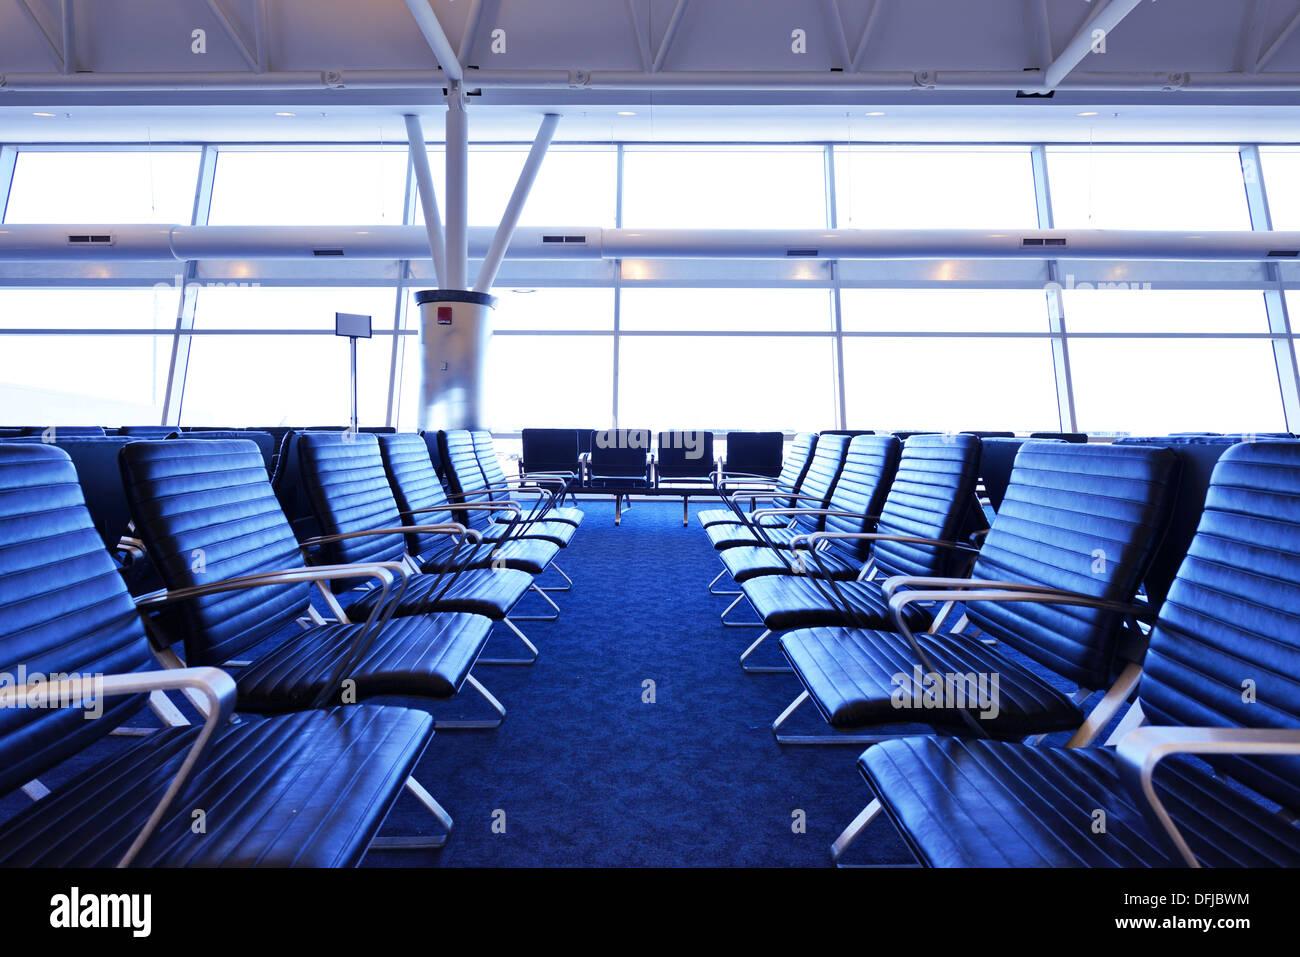 I posti vuoti al terminal di un aeroporto. Immagini Stock